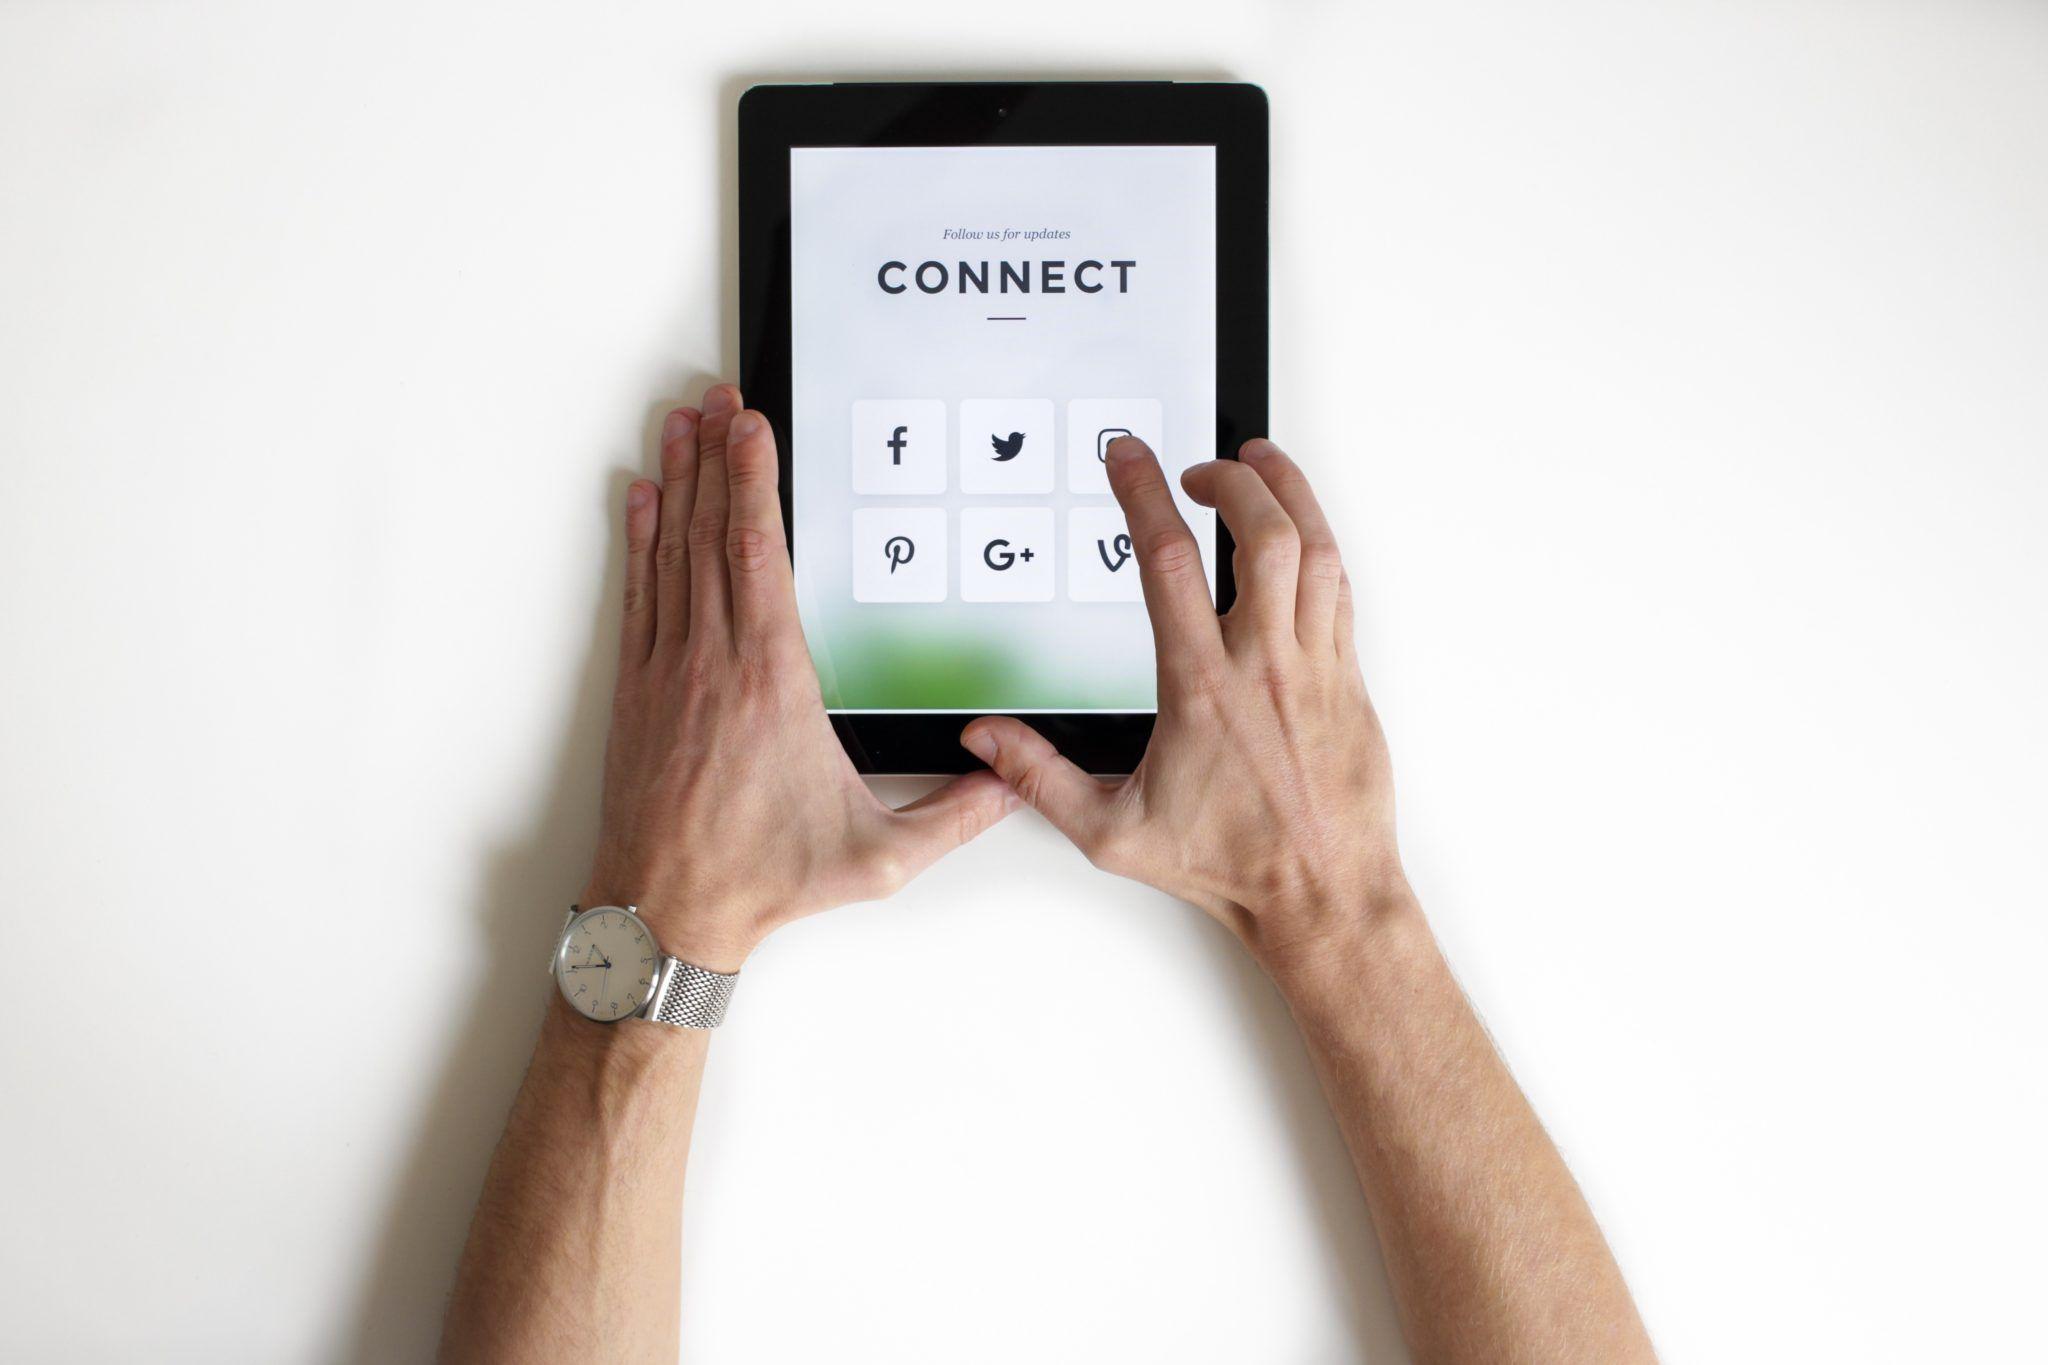 društvena mreža za besplatno druženjepaprika za pronalazak stranica nl